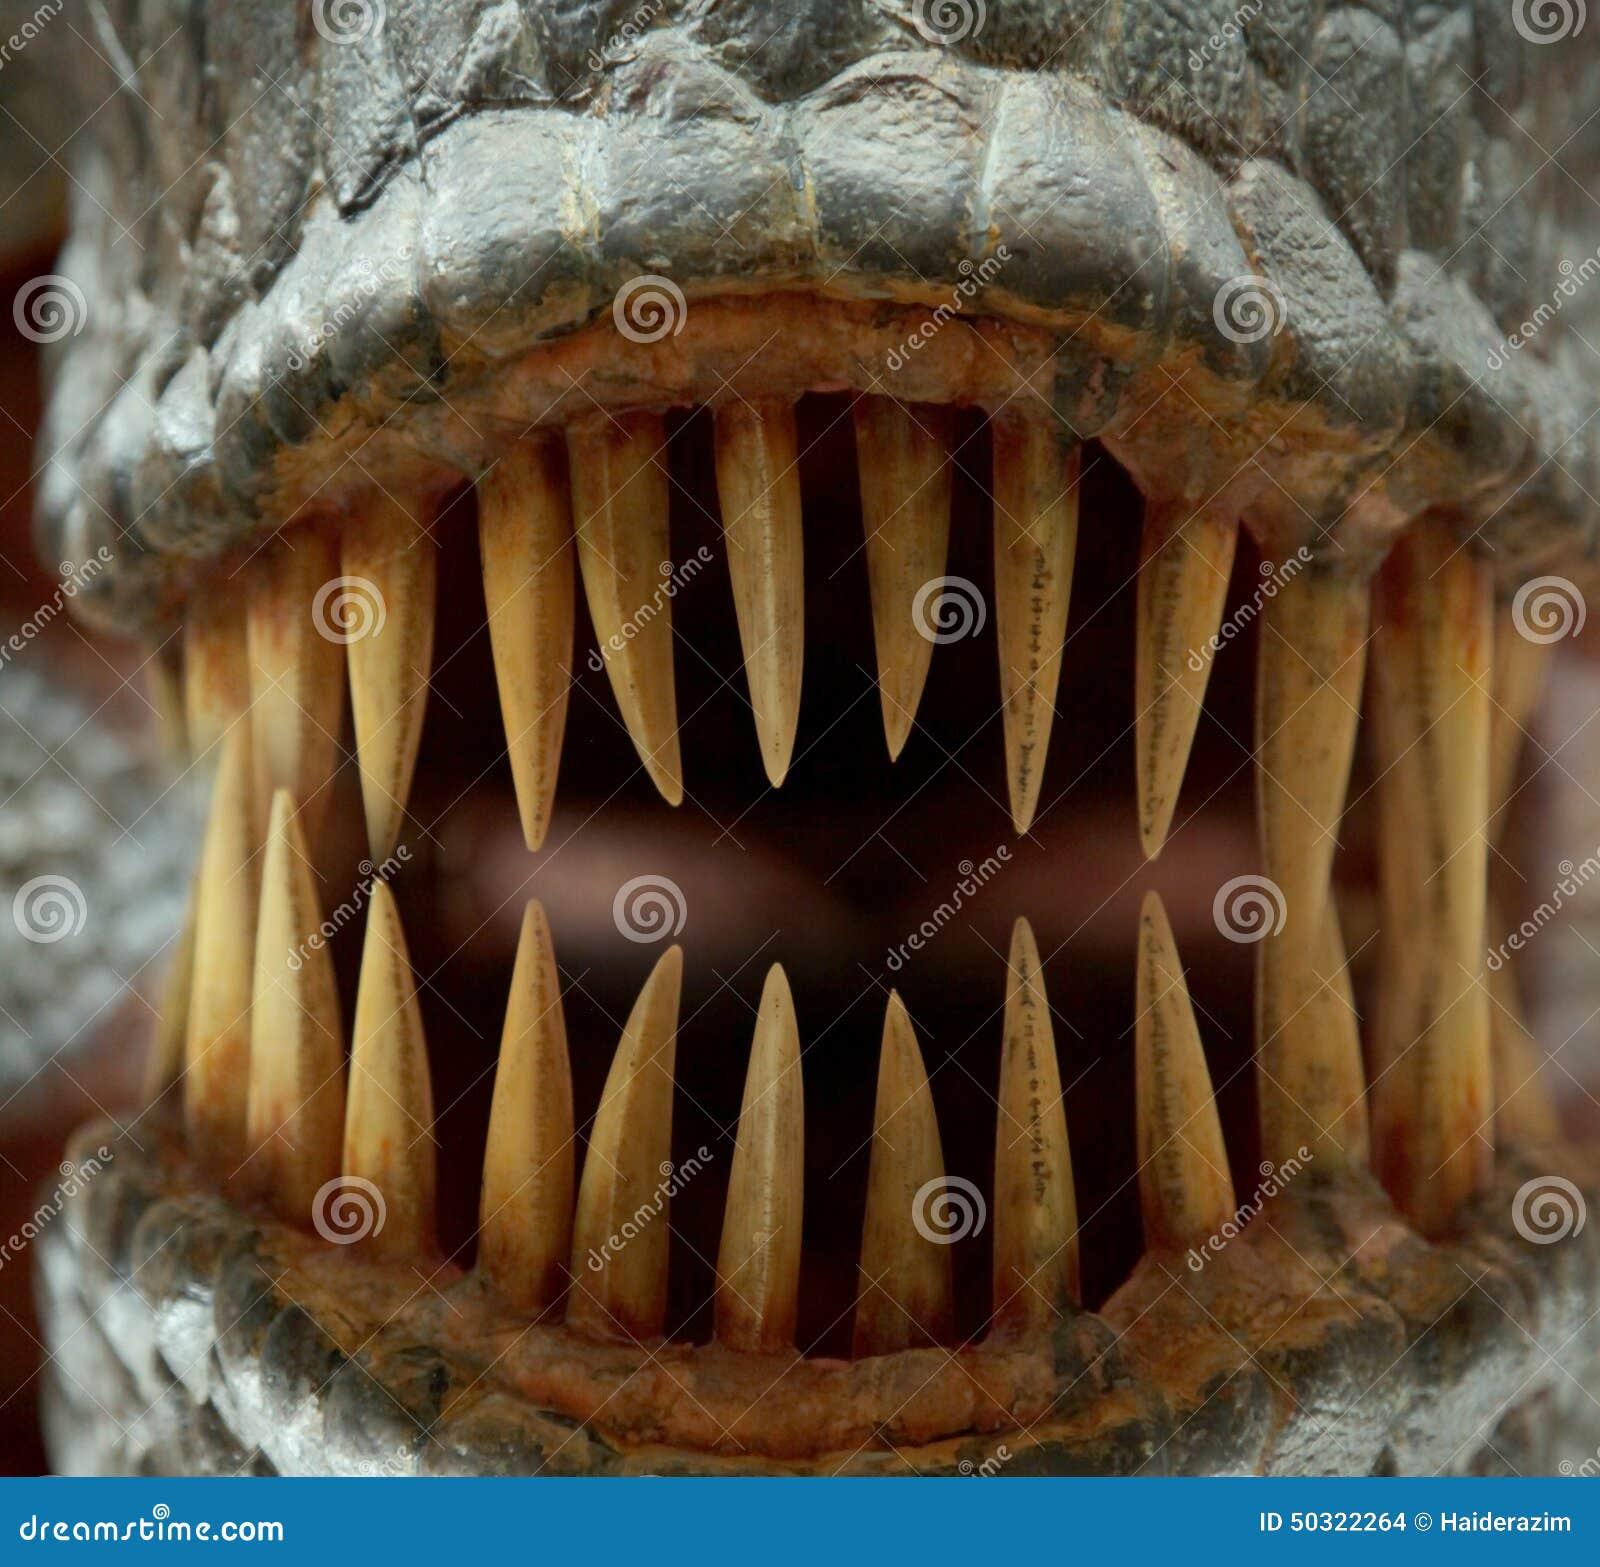 Монстр с большими зубами